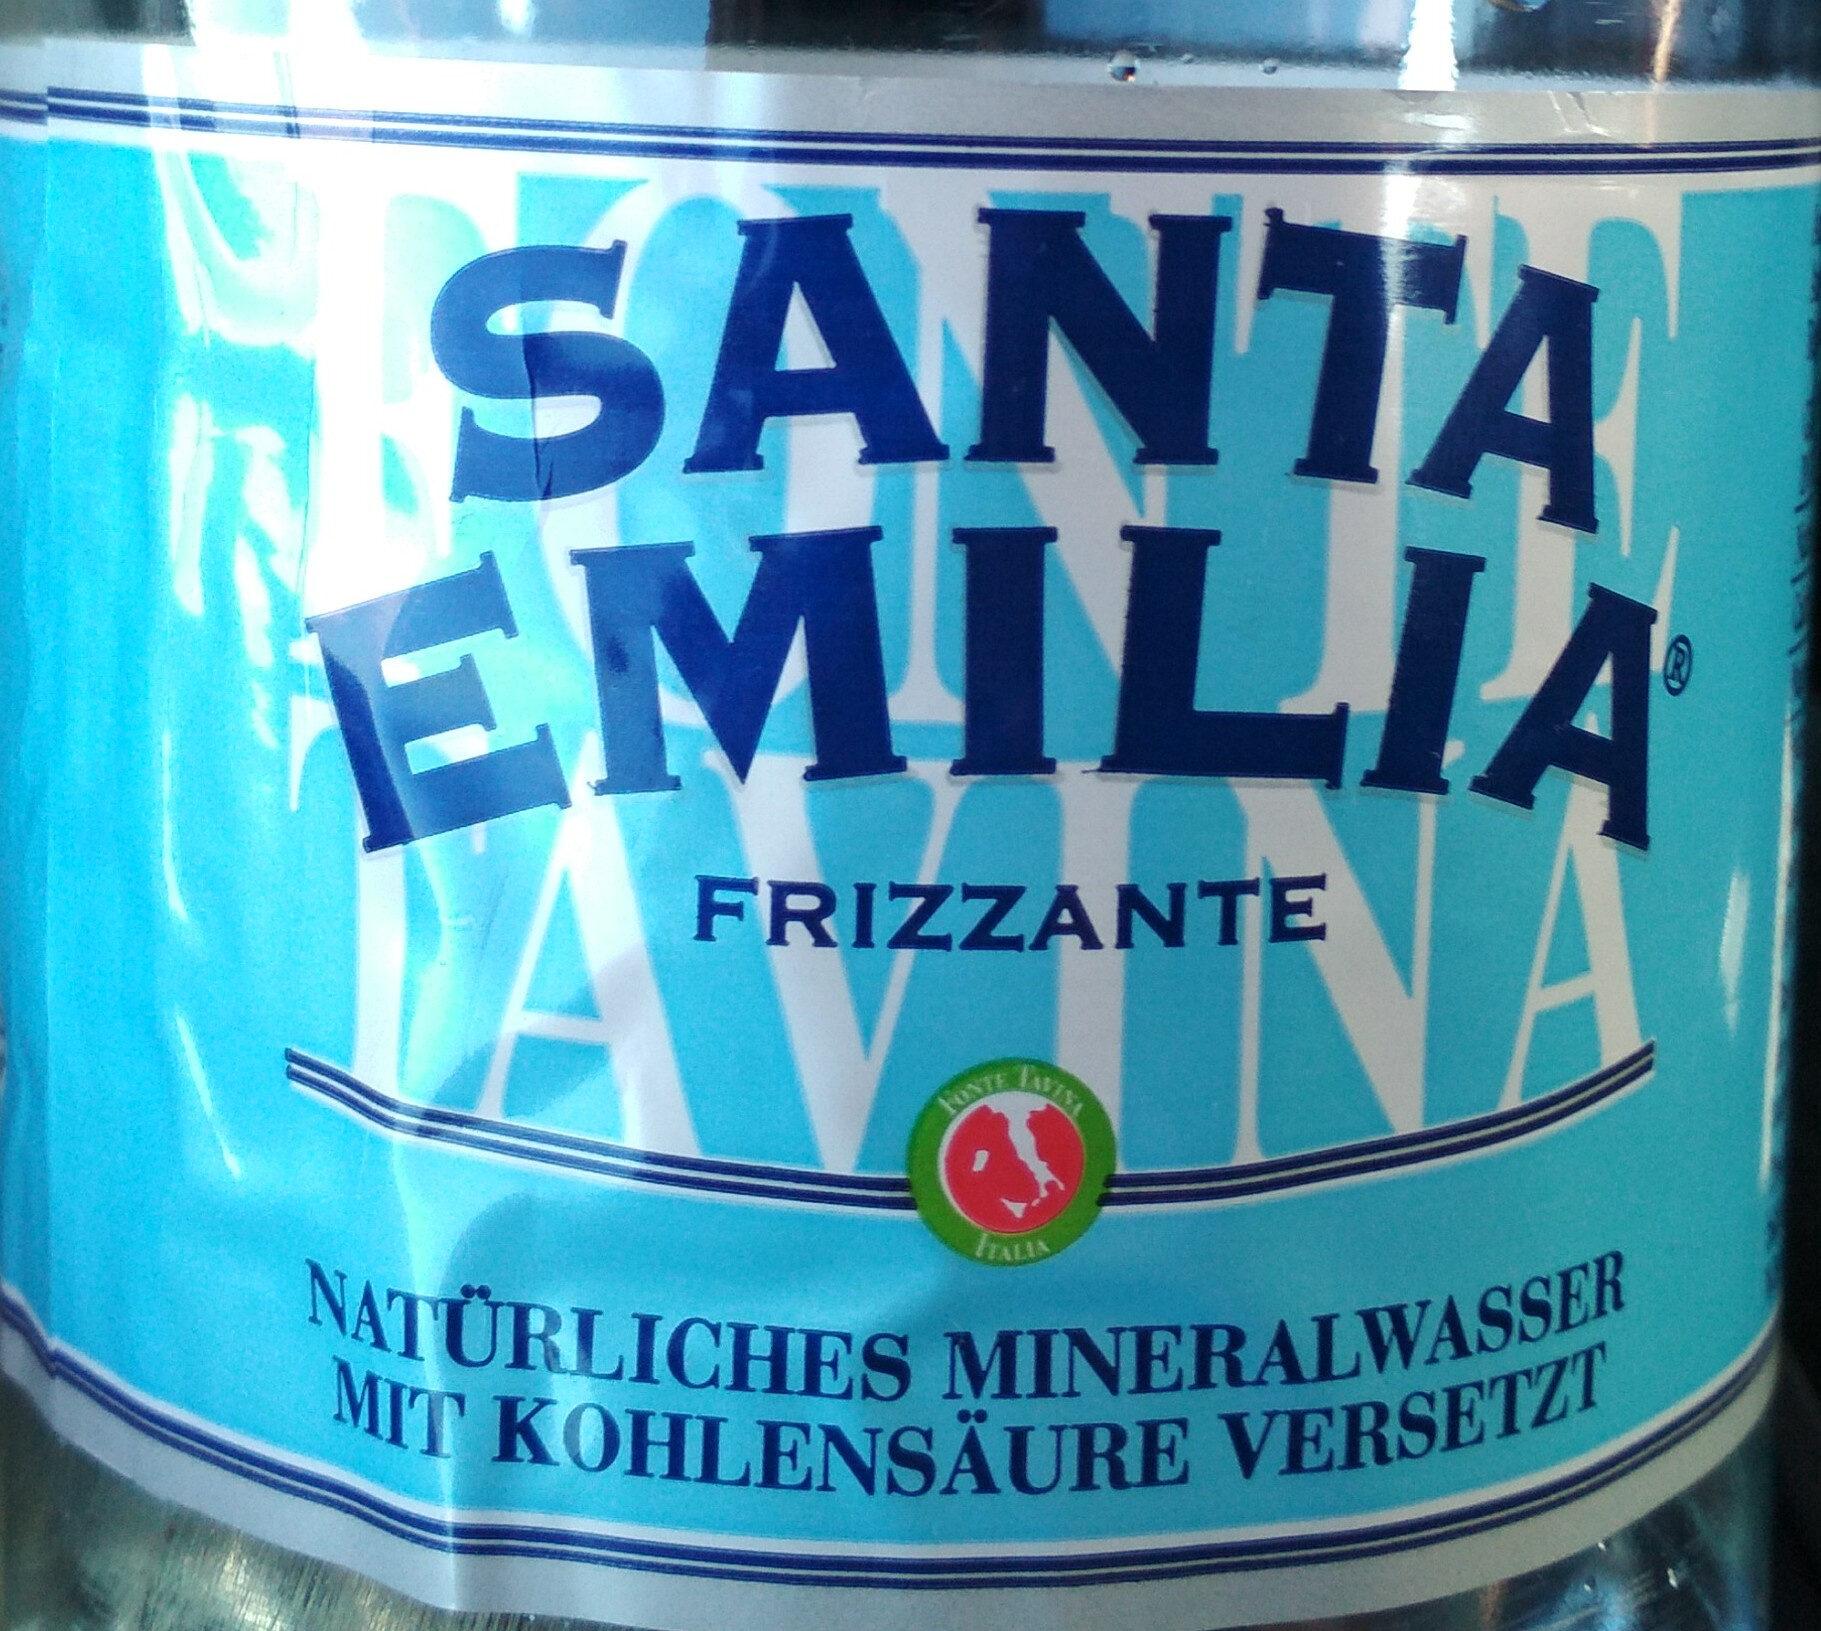 Santa Emilia Frizzante - Product